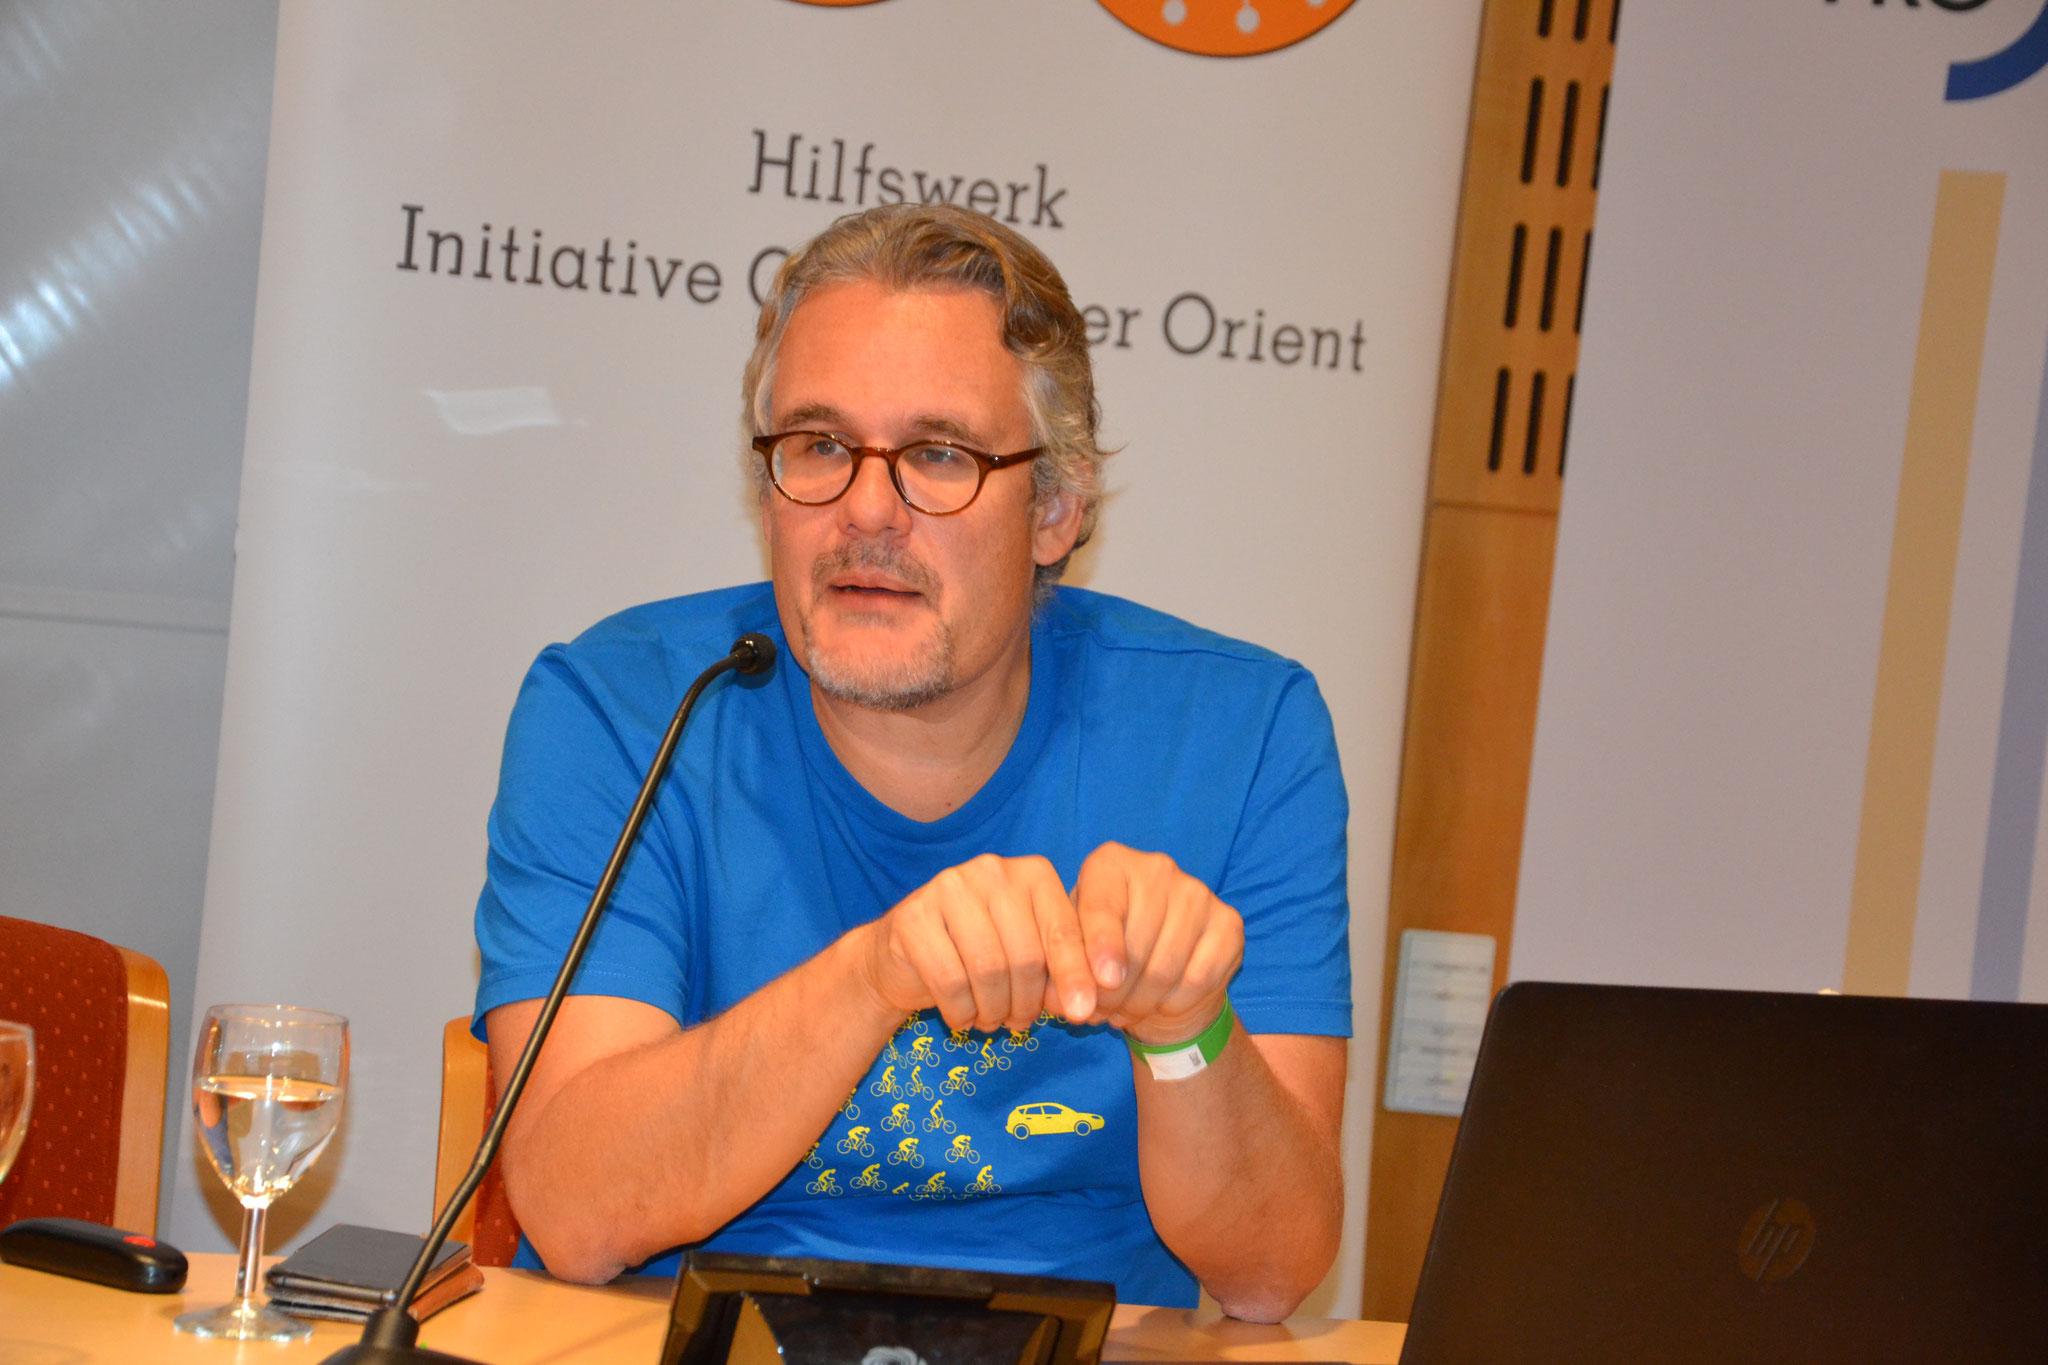 Der Politikwissenschaftler und Kulturanthropologe Thomas Schmidinger berichtete über Syrien und die Situation der Chriosten im Land.